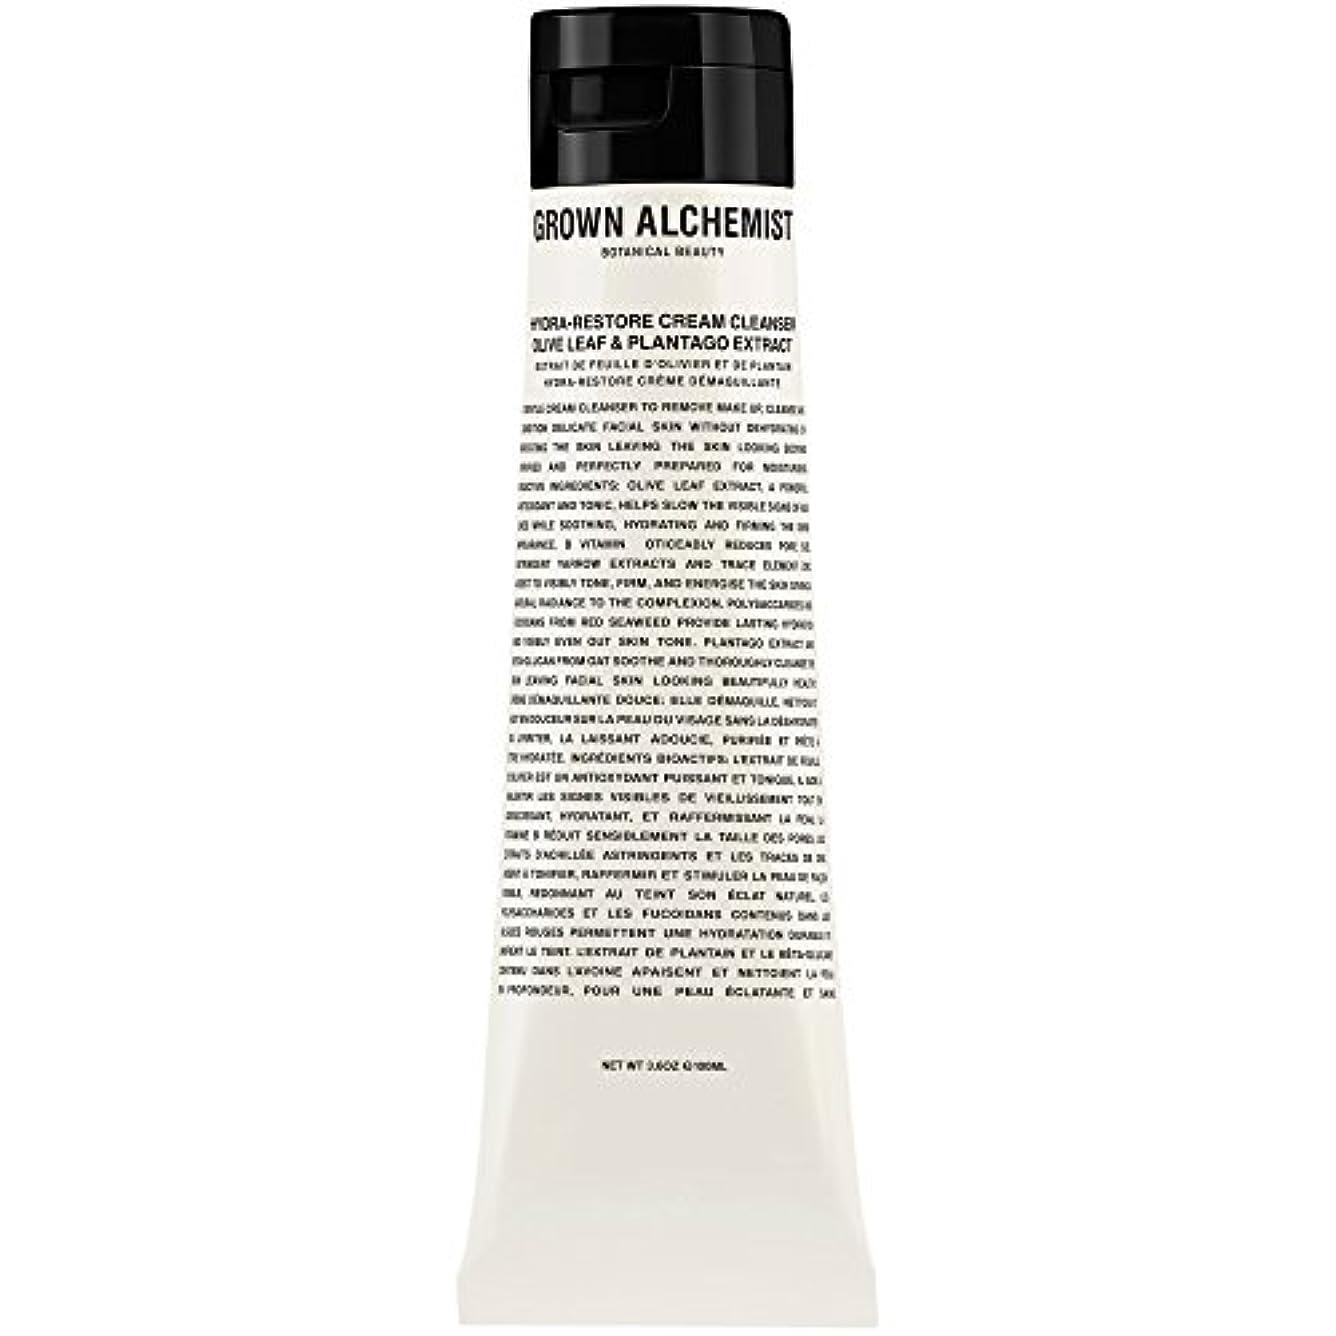 アーネストシャクルトンそうでなければ四面体オリーブの葉&Plantogoエキス、100ミリリットル:成長した錬金術師クリームクレンザーをヒドラ復元 (Grown Alchemist) (x6) - Grown Alchemist Hydra-Restore Cream Cleanser: Olive Leaf & Plantogo Extract, 100ml (Pack of 6) [並行輸入品]